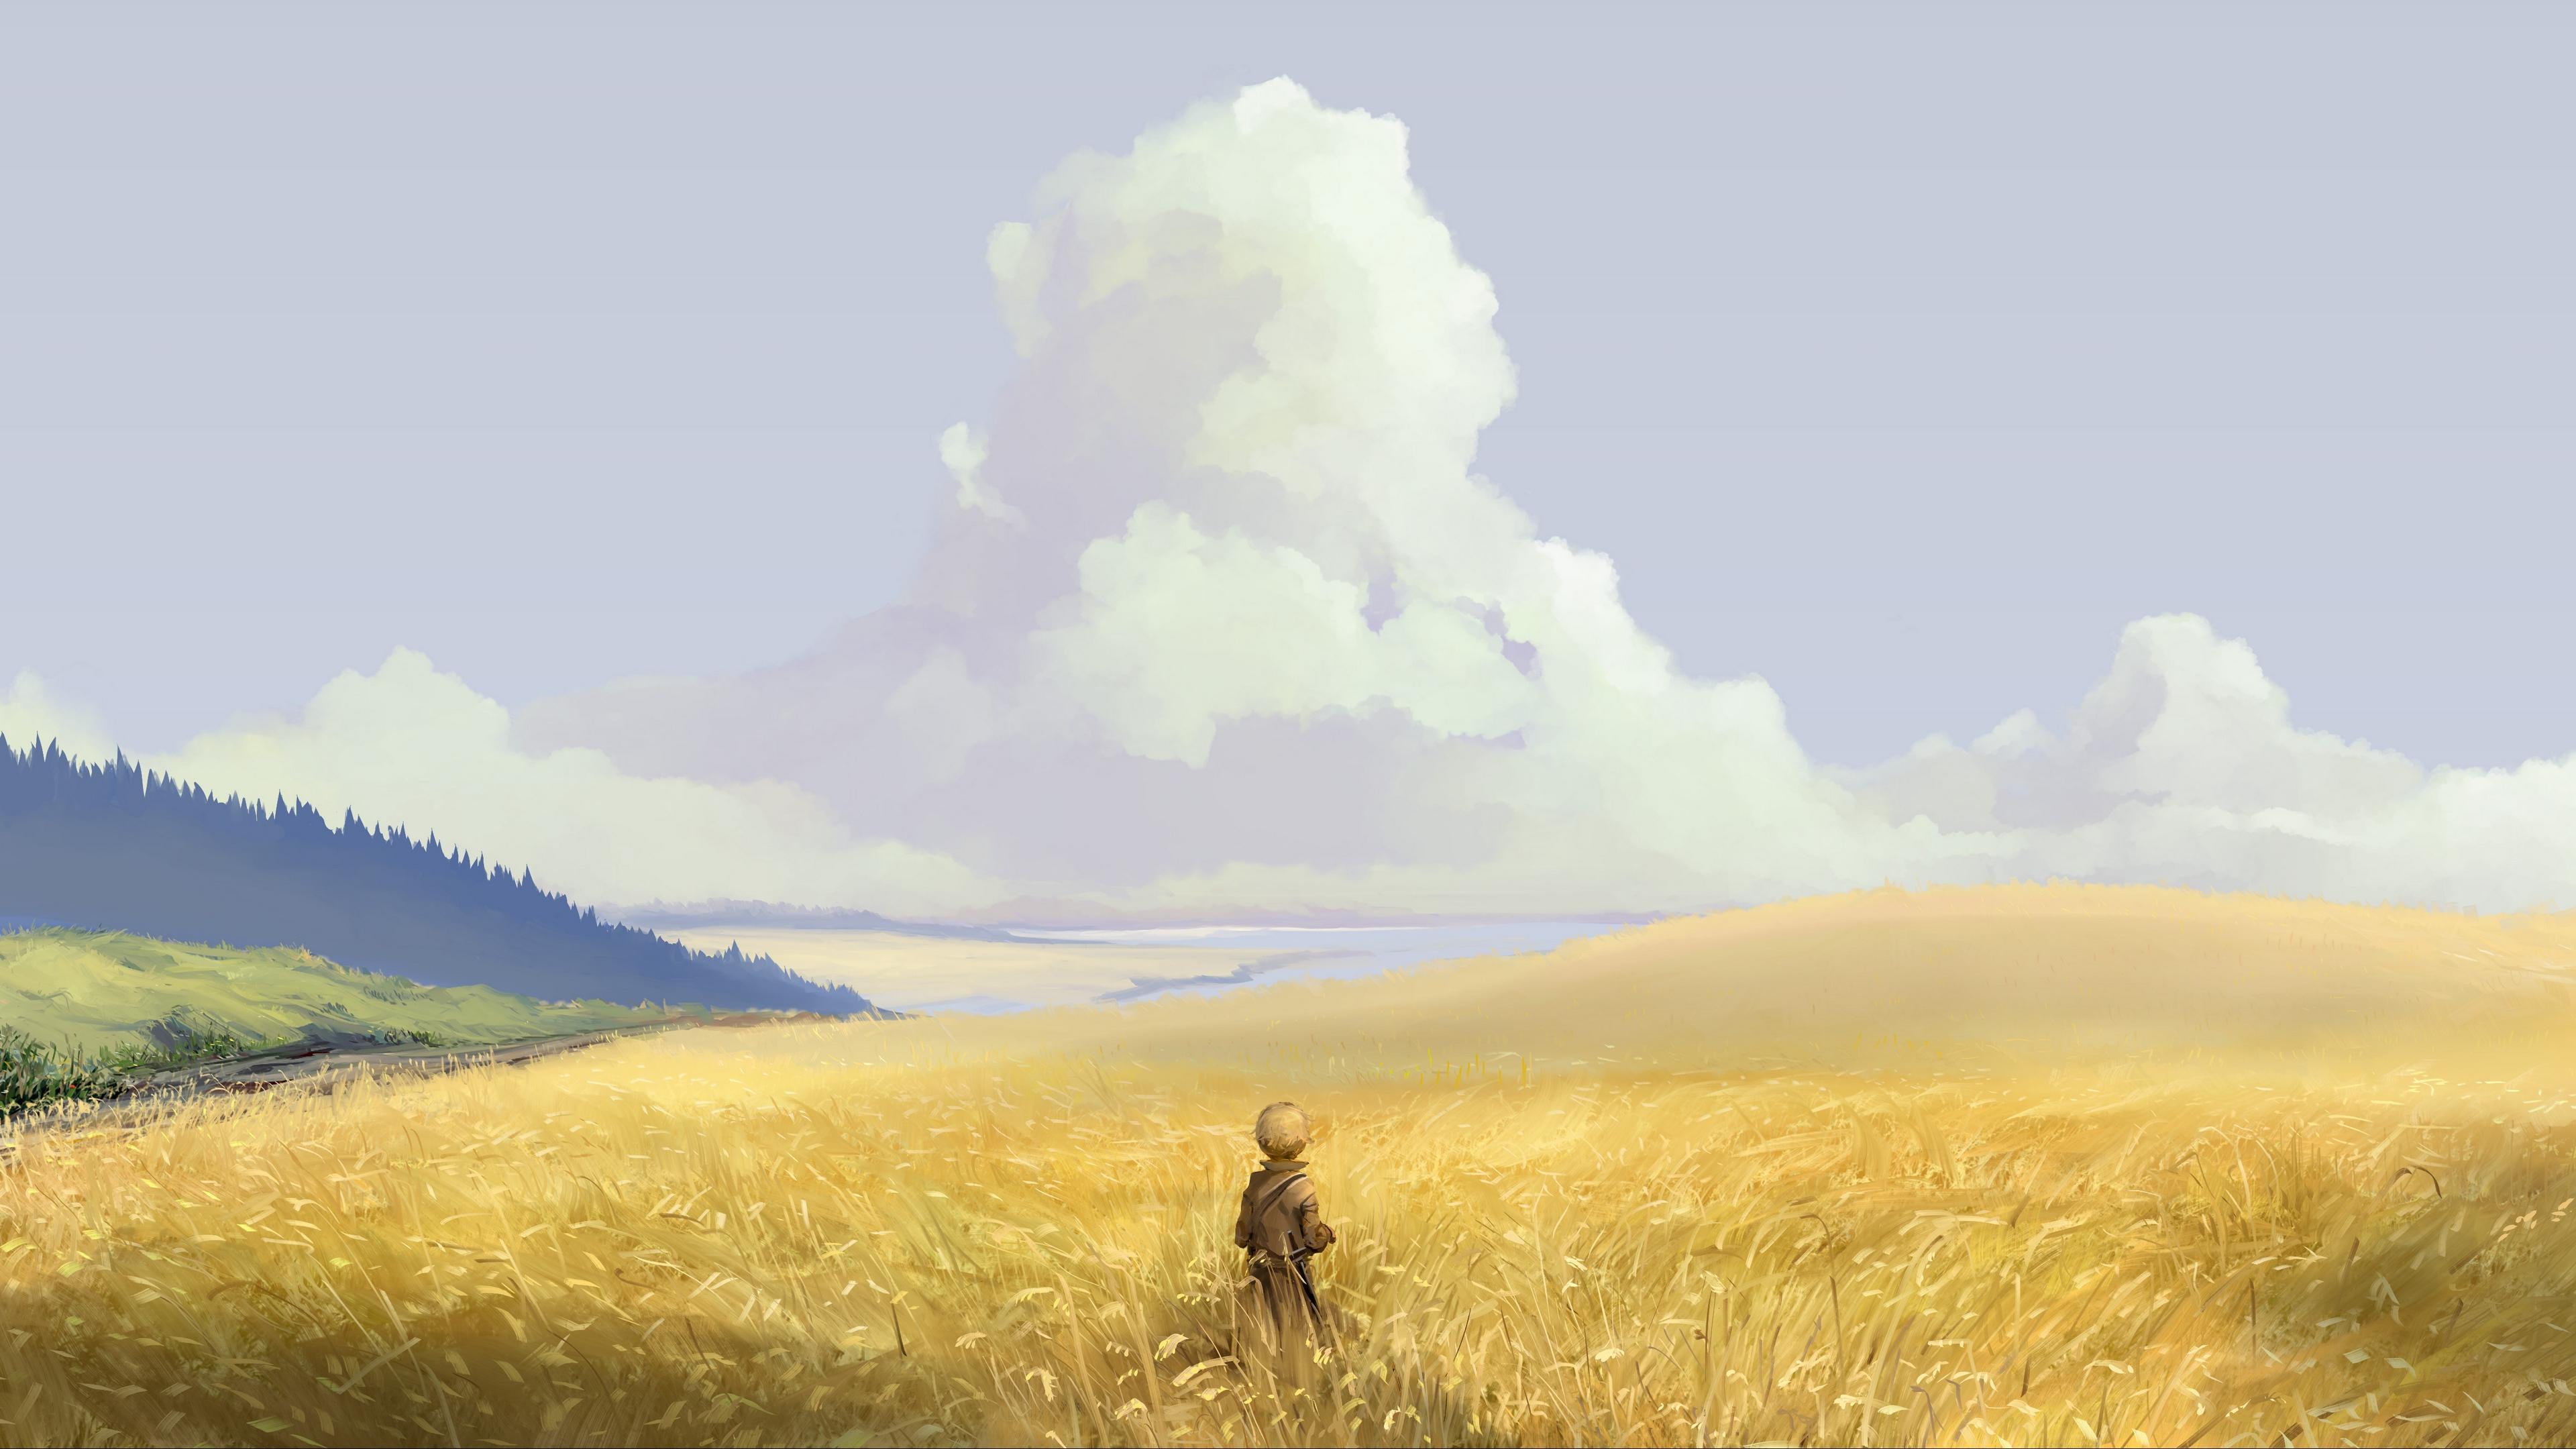 alone art field sky 4k 1541971547 - alone, art, field, sky 4k - Field, art, Alone